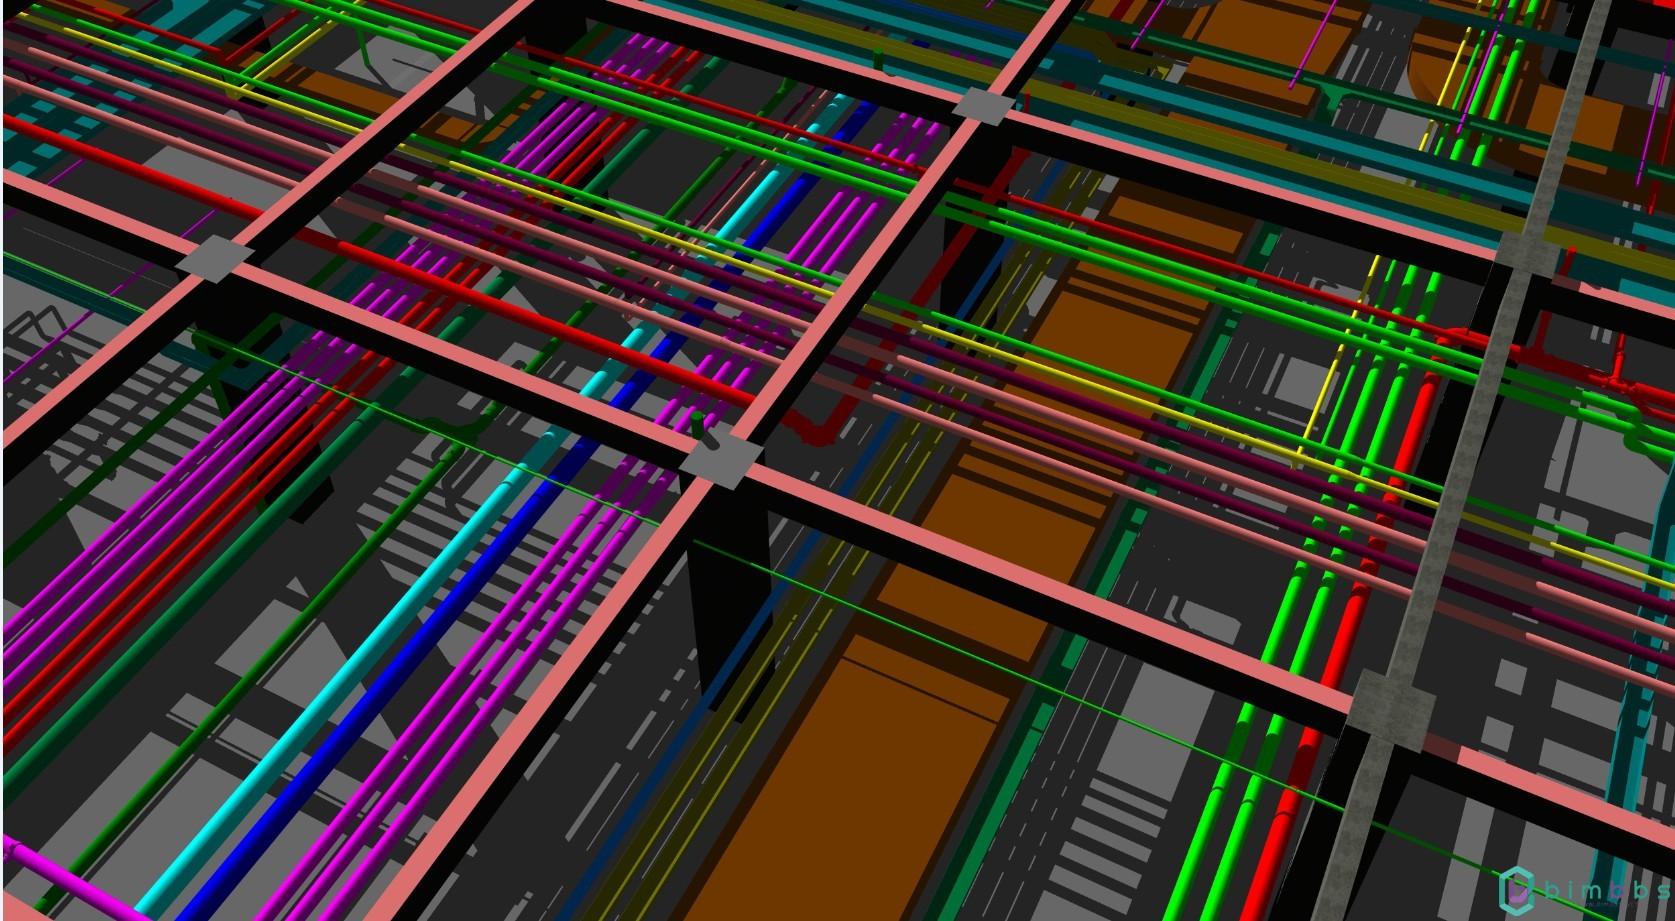 MEP管线综合设计要点-BIMBANK原创-BIMBANK